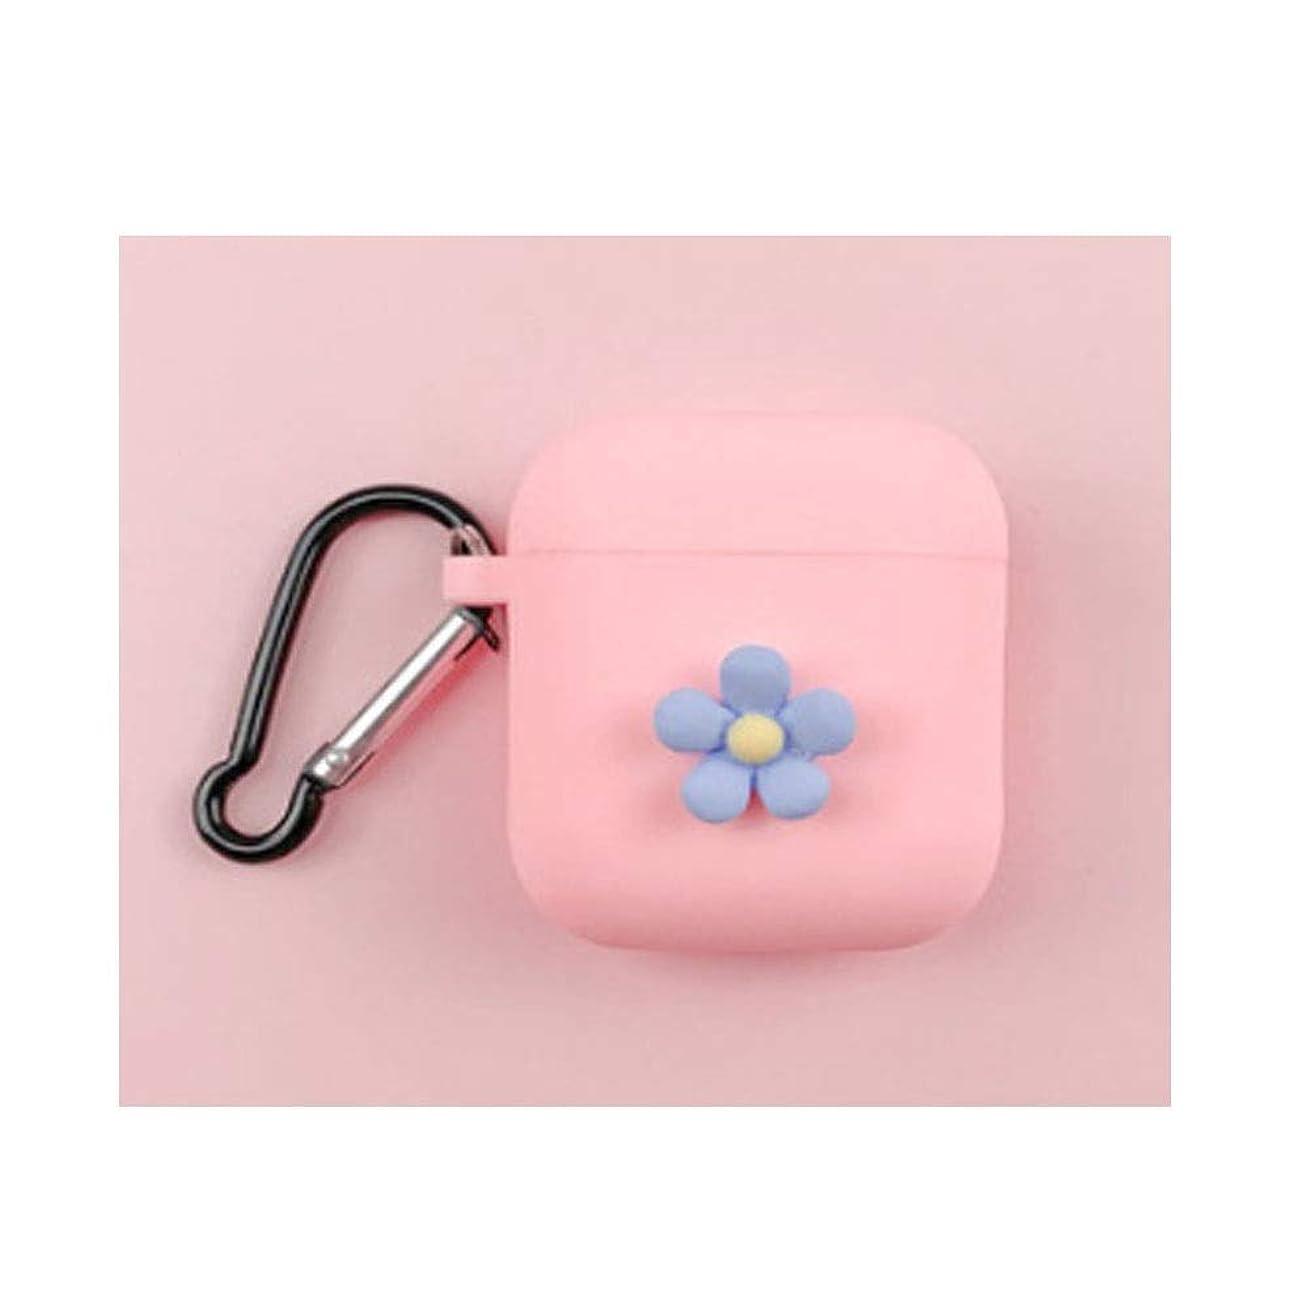 電気のスリーブ聖職者Youshangshipin001 ヘッドホンセット - シンプルで素朴なデザインスタイル、ワイヤレスイヤホンセット、防滴性と耐久性、美しい贈り物(青、ピンク、紫、白、黄色) 耐摩耗性 (Color : Pink)